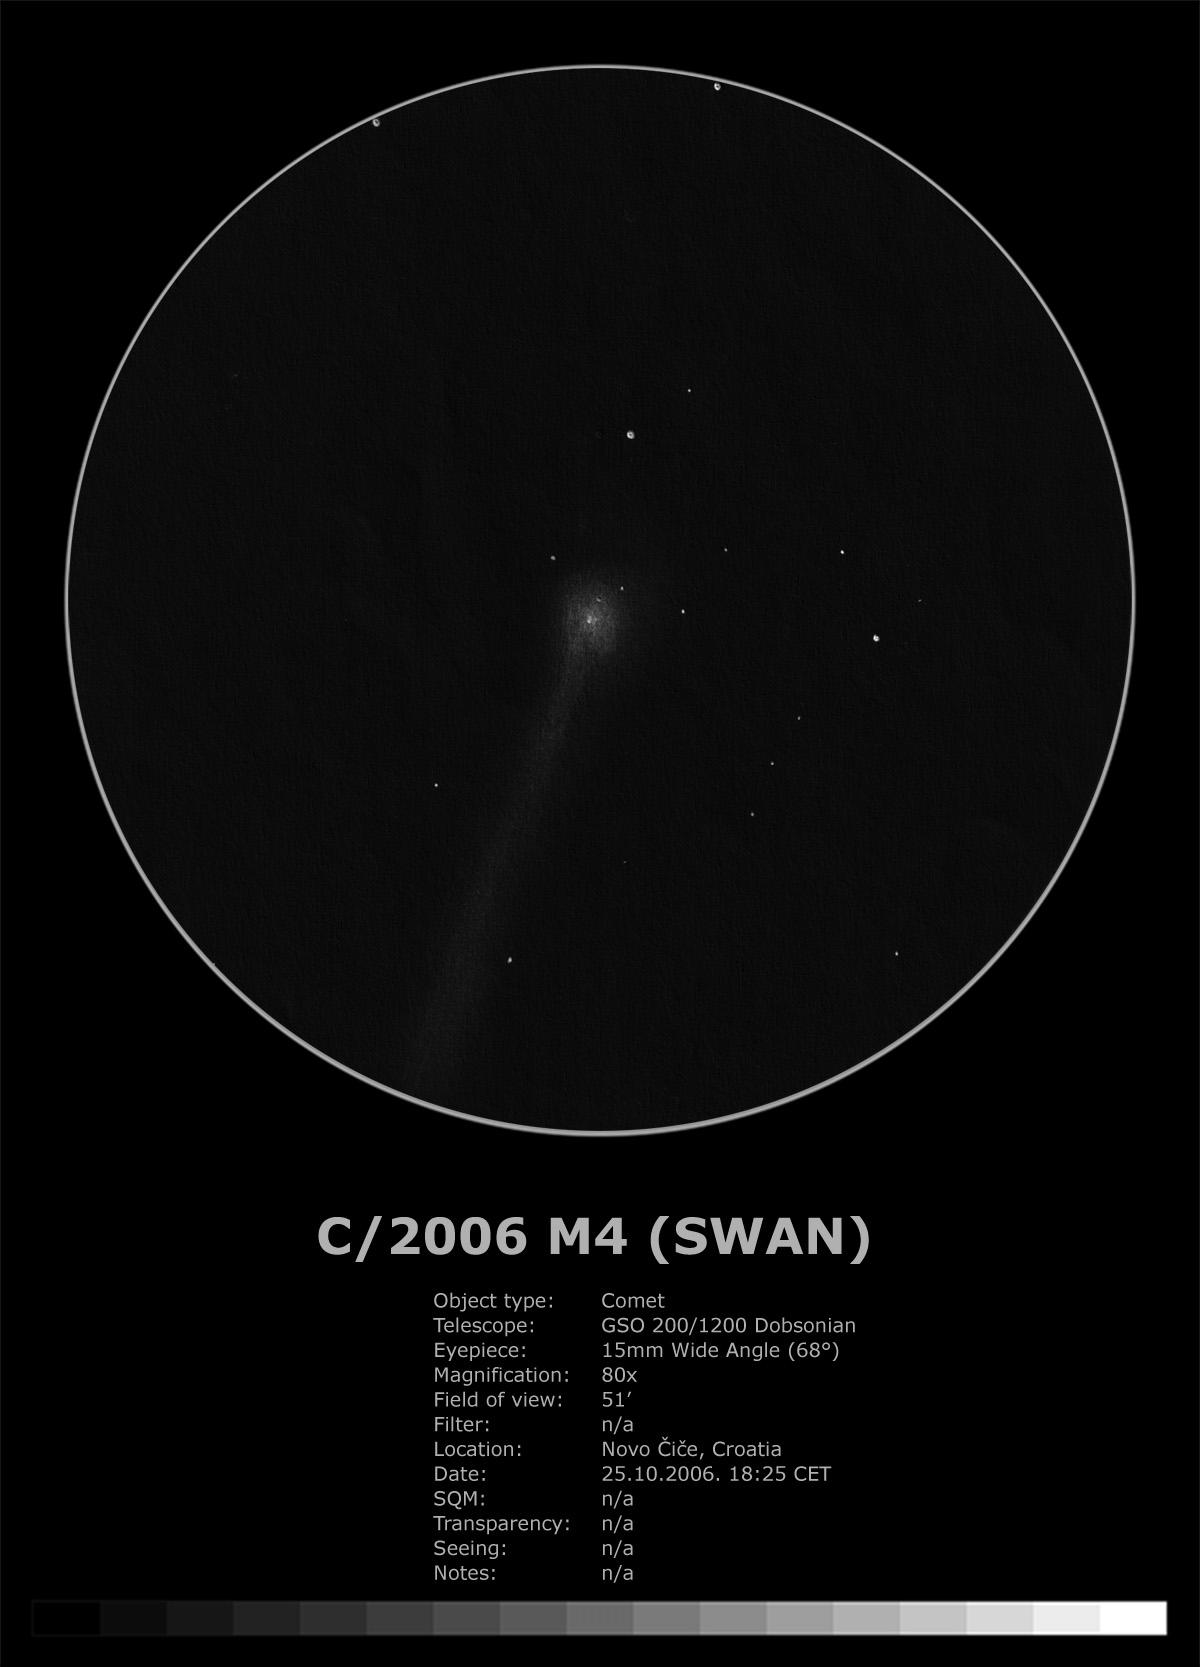 C/2006 M4 (2006)